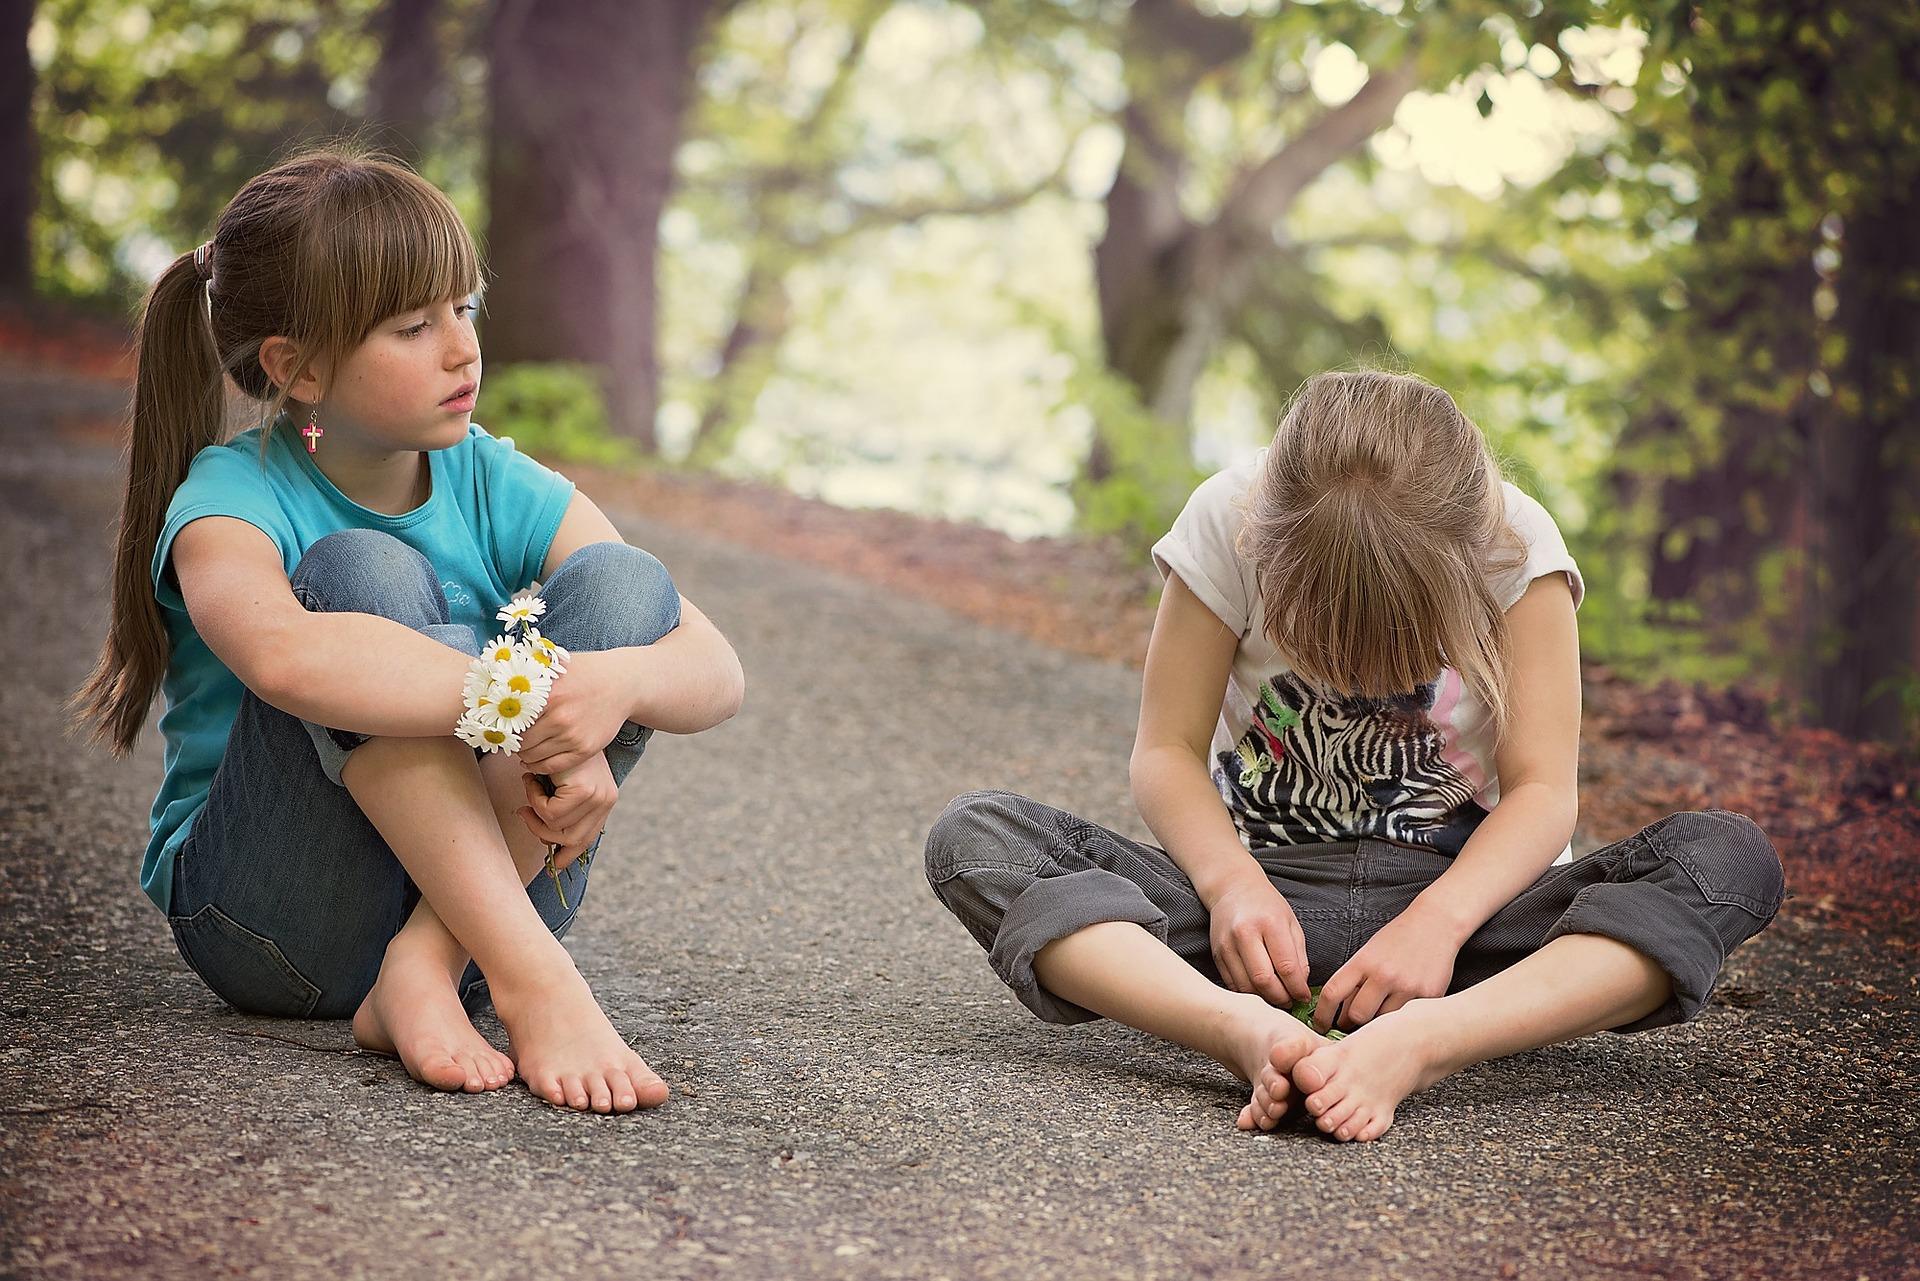 Adicciones ¿Se puede prevenir desde pequeños?